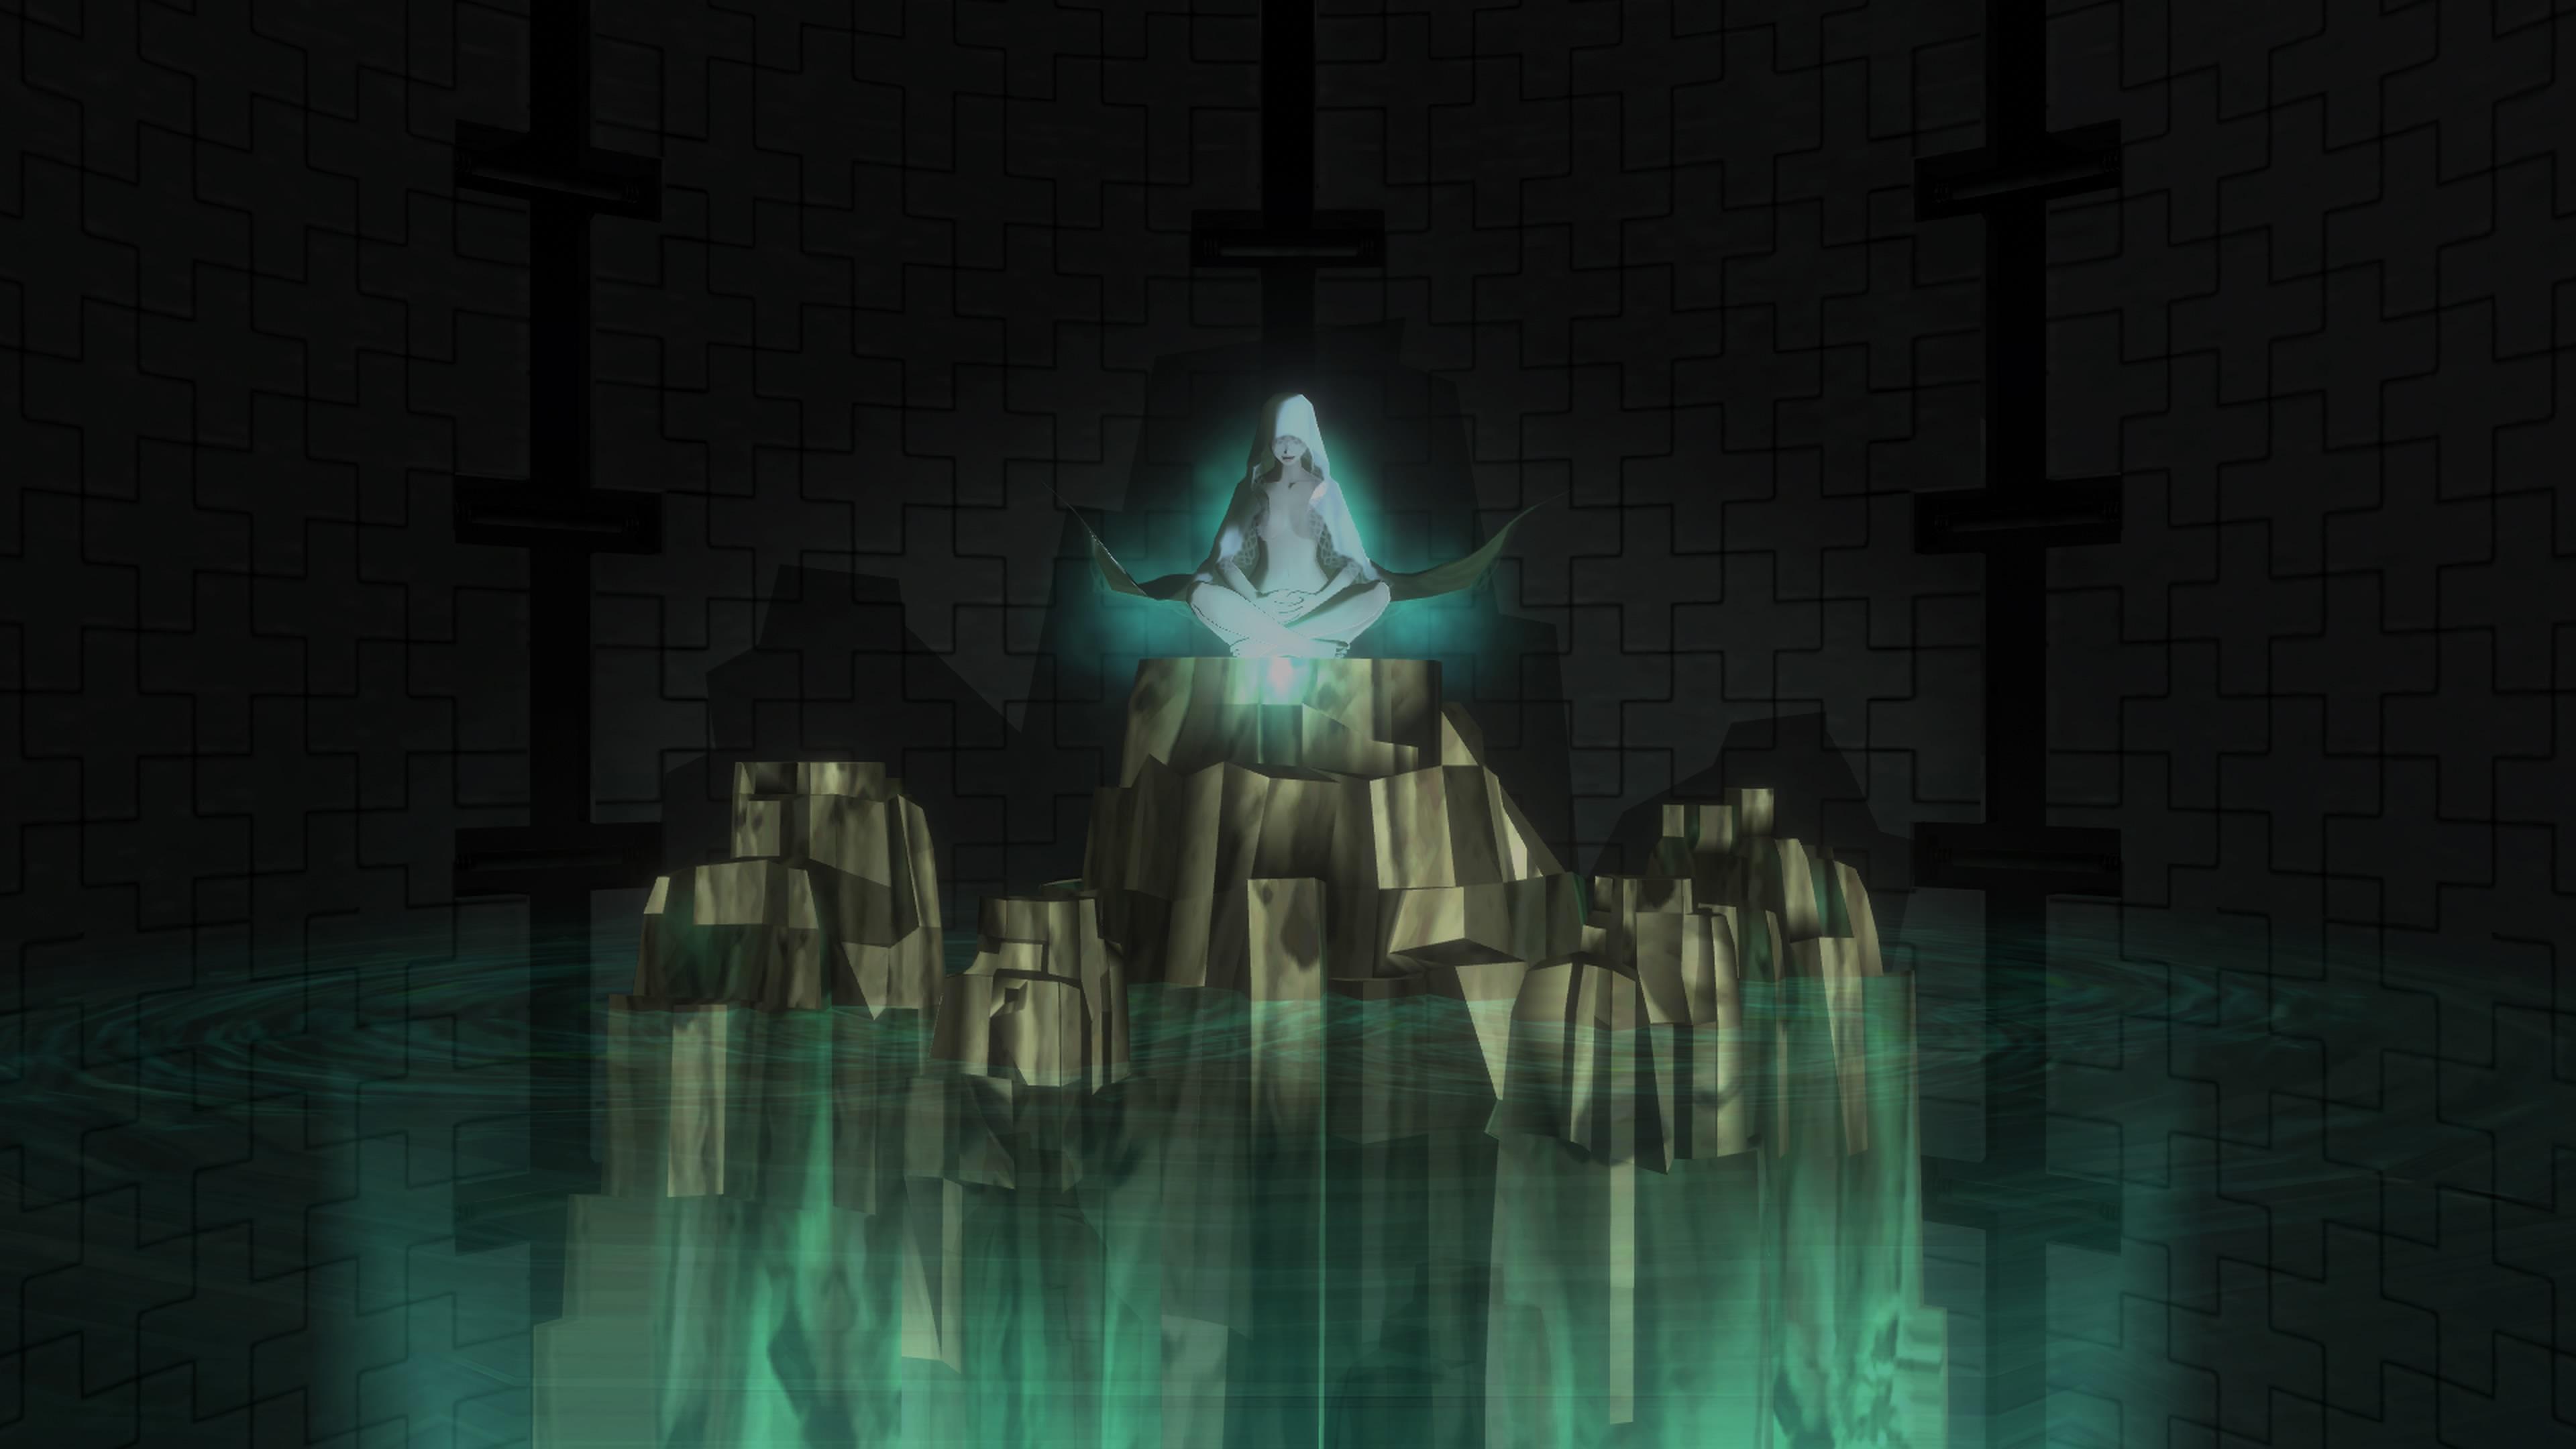 Shin Megami Tensei III Nocturne HD Remaster_20210601085353